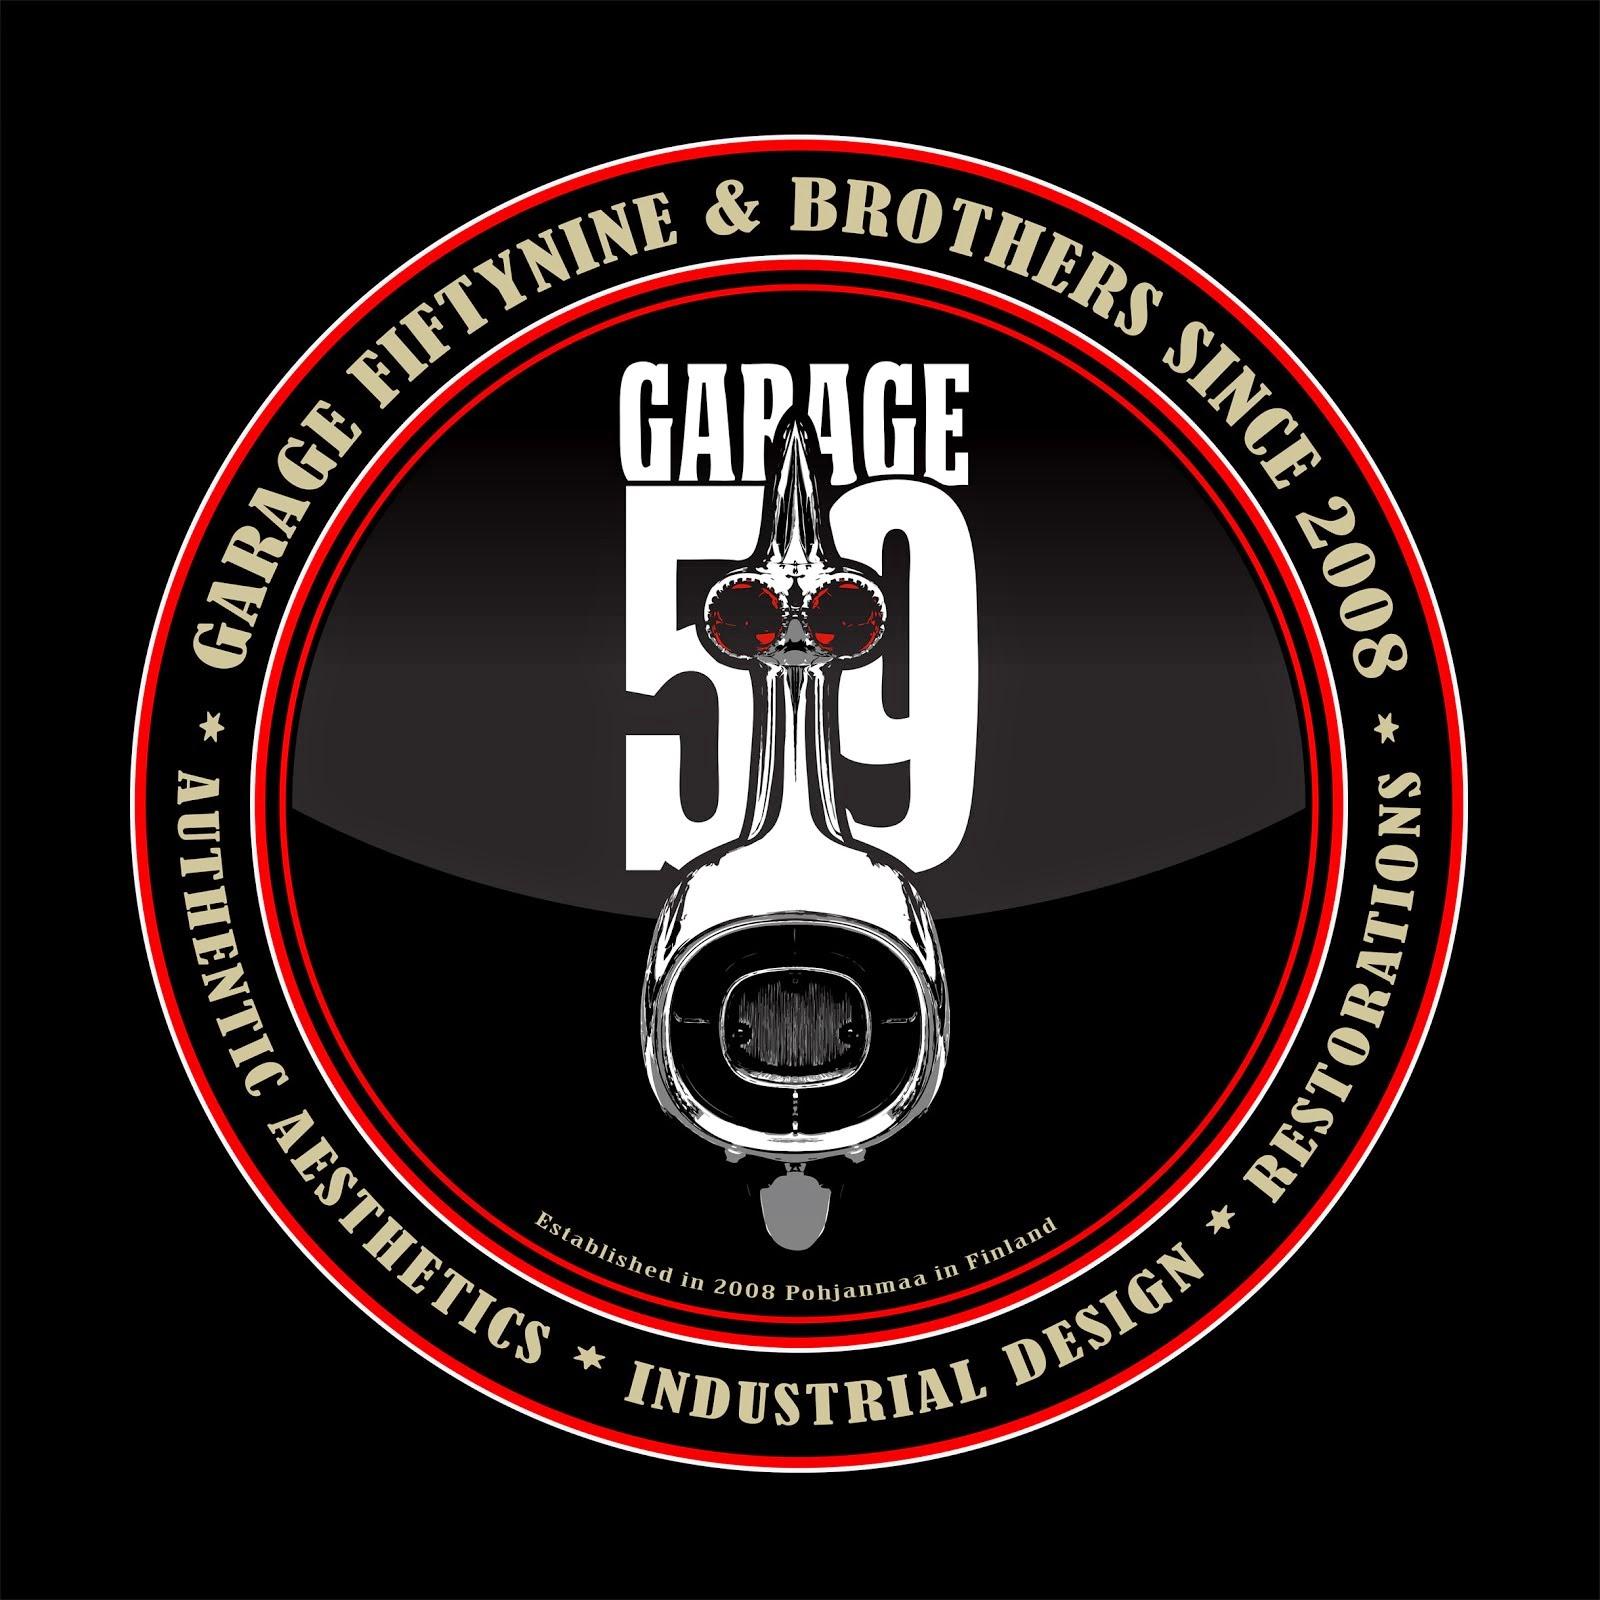 Garage fiftynine